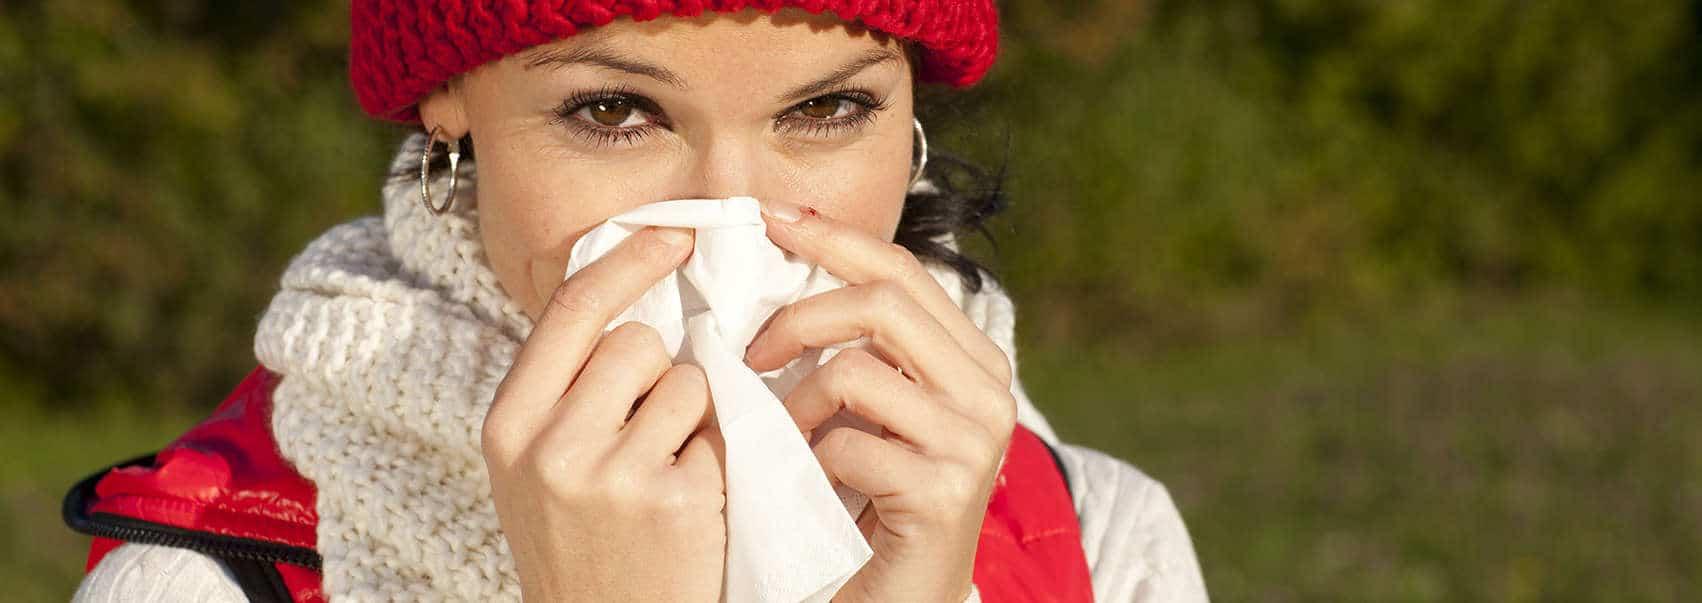 Versterk je weerstand tegen het coronavirus